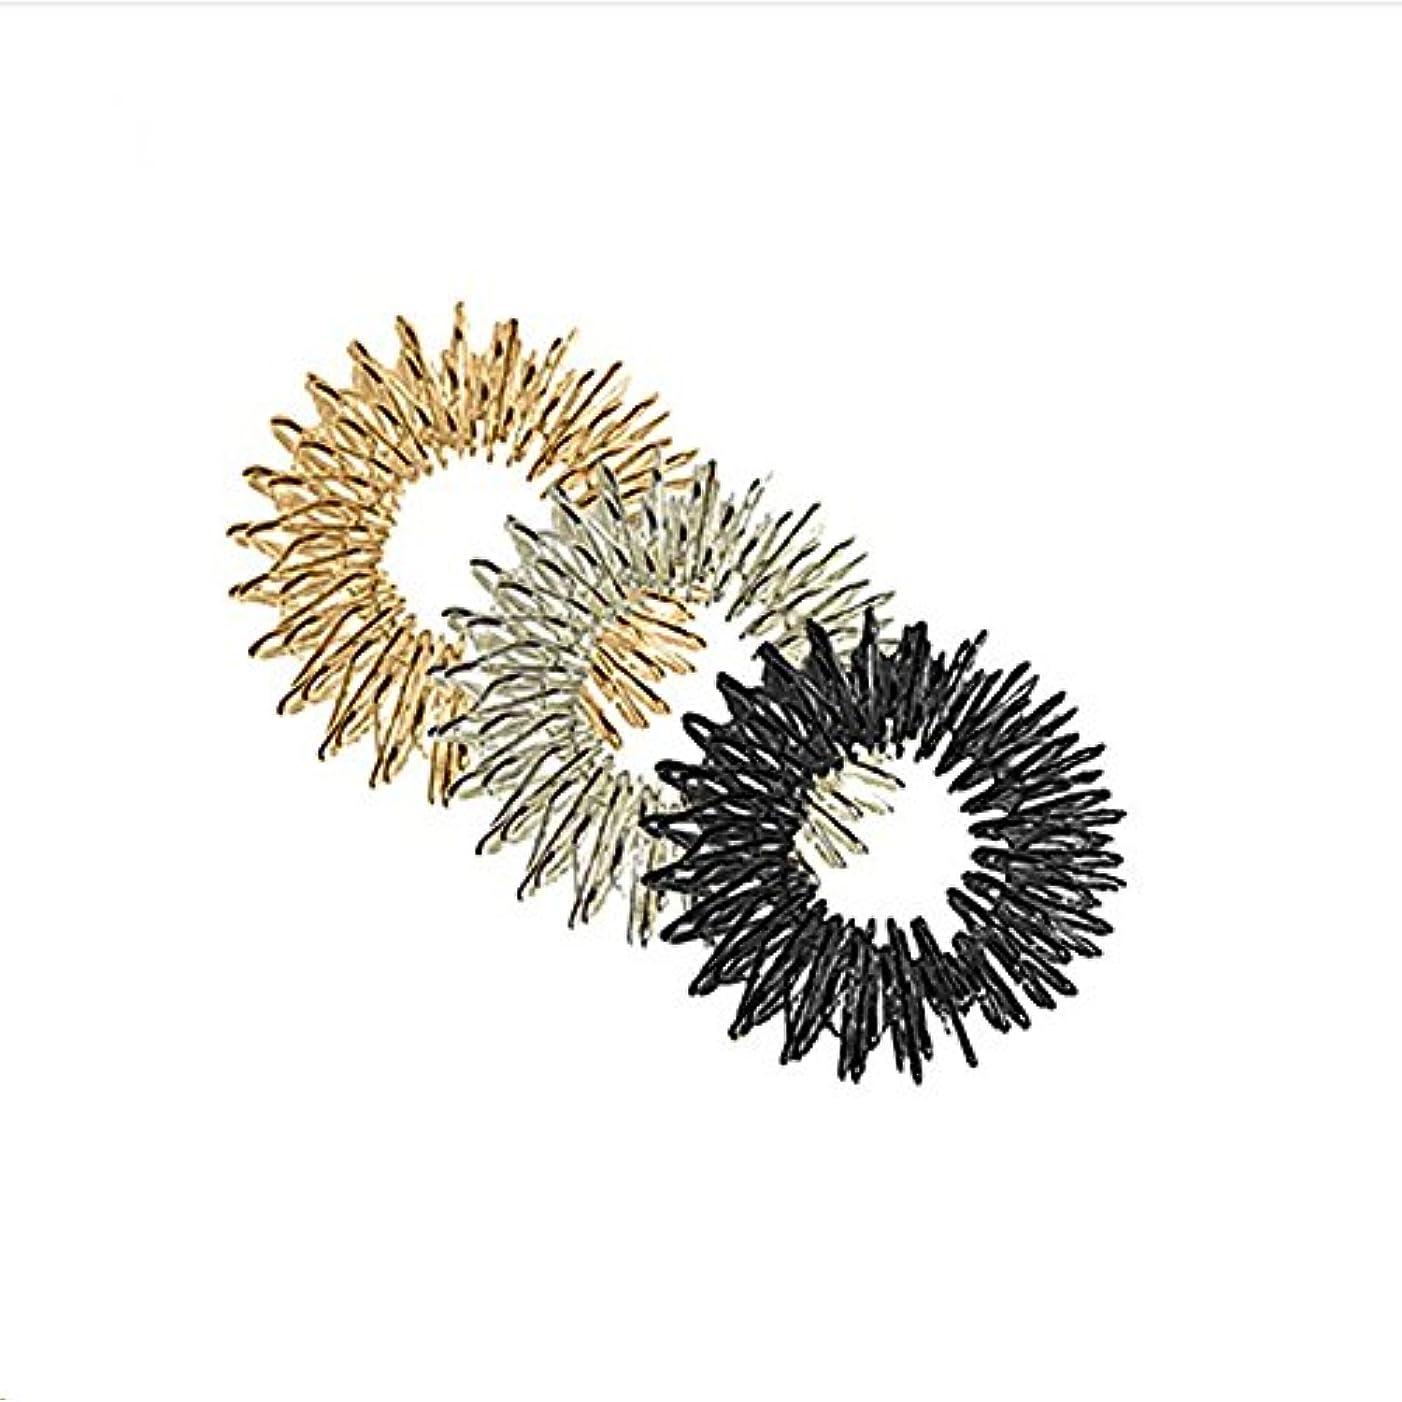 バンドルジャムあいまいROSENICE 指圧リングマッサージリング3本指圧マッサージリング(ゴールド+シルバー+ブラック)